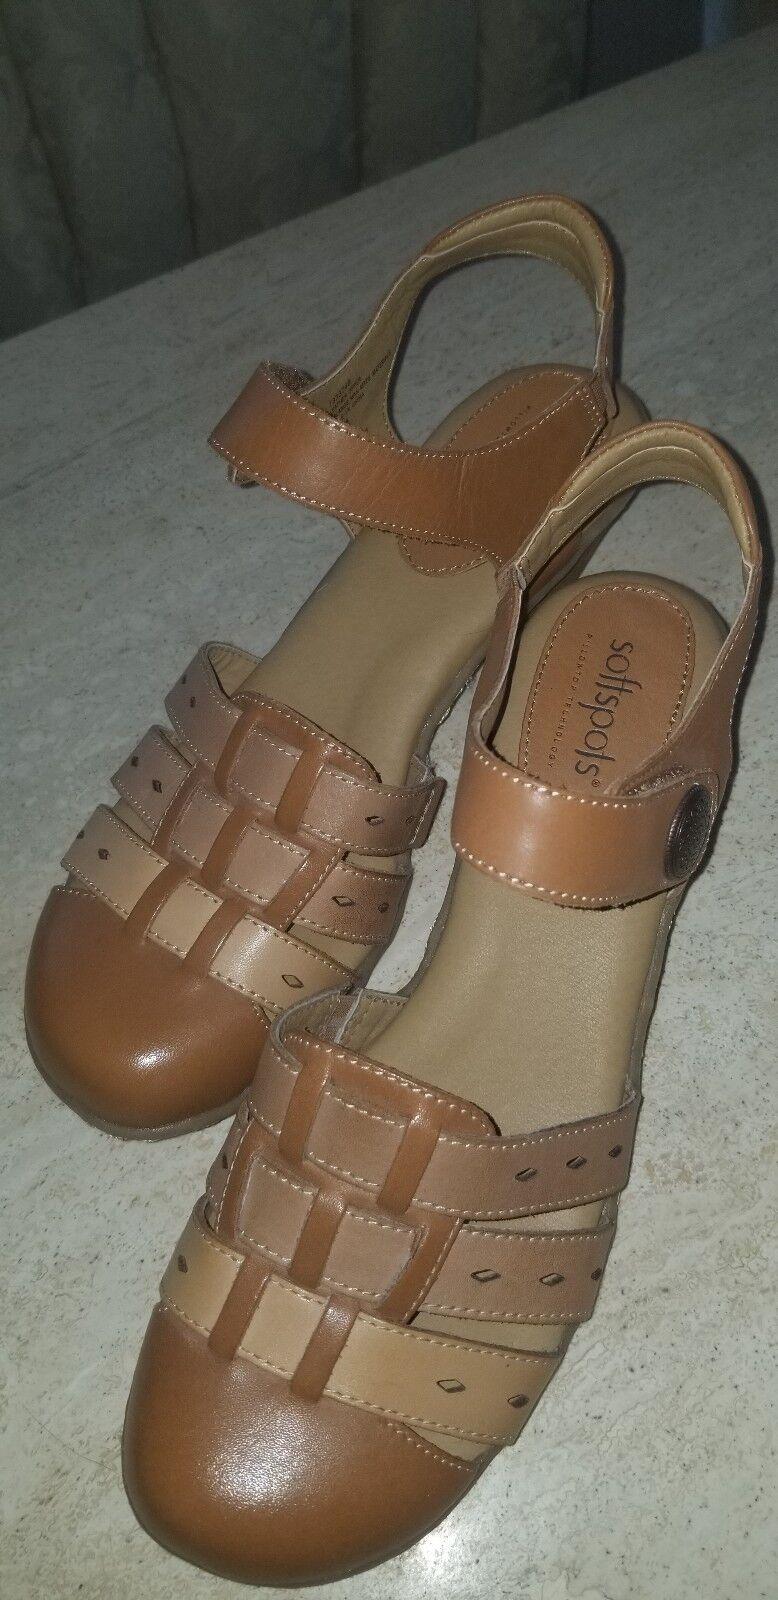 Softspots tri Couleur sandals sz 9m